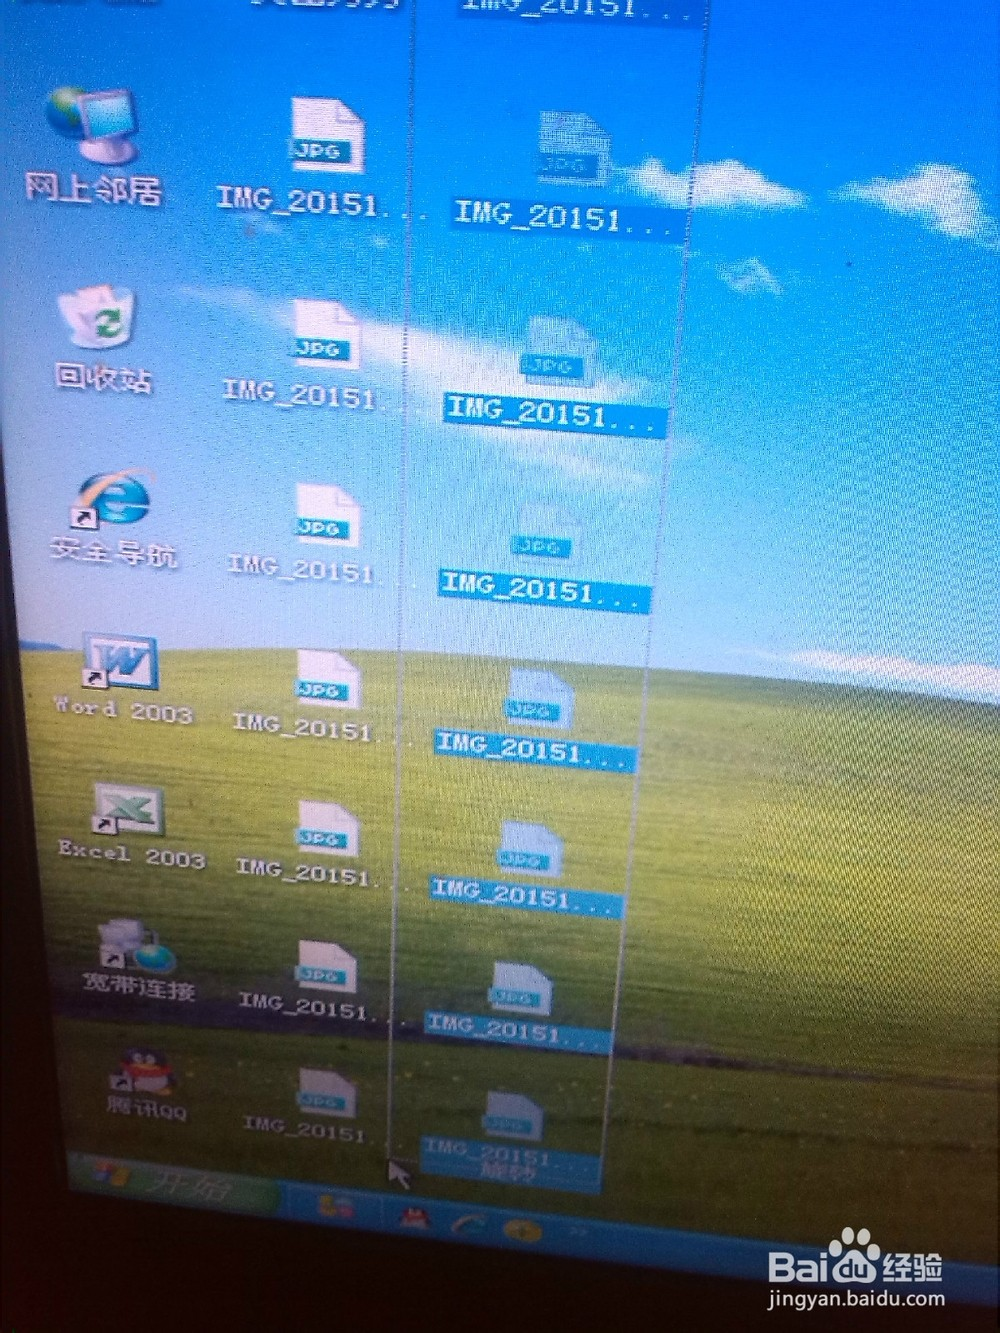 瑞星杀毒软件打不开_我的电脑为什么界面上的文件都打不开了-ZOL问答